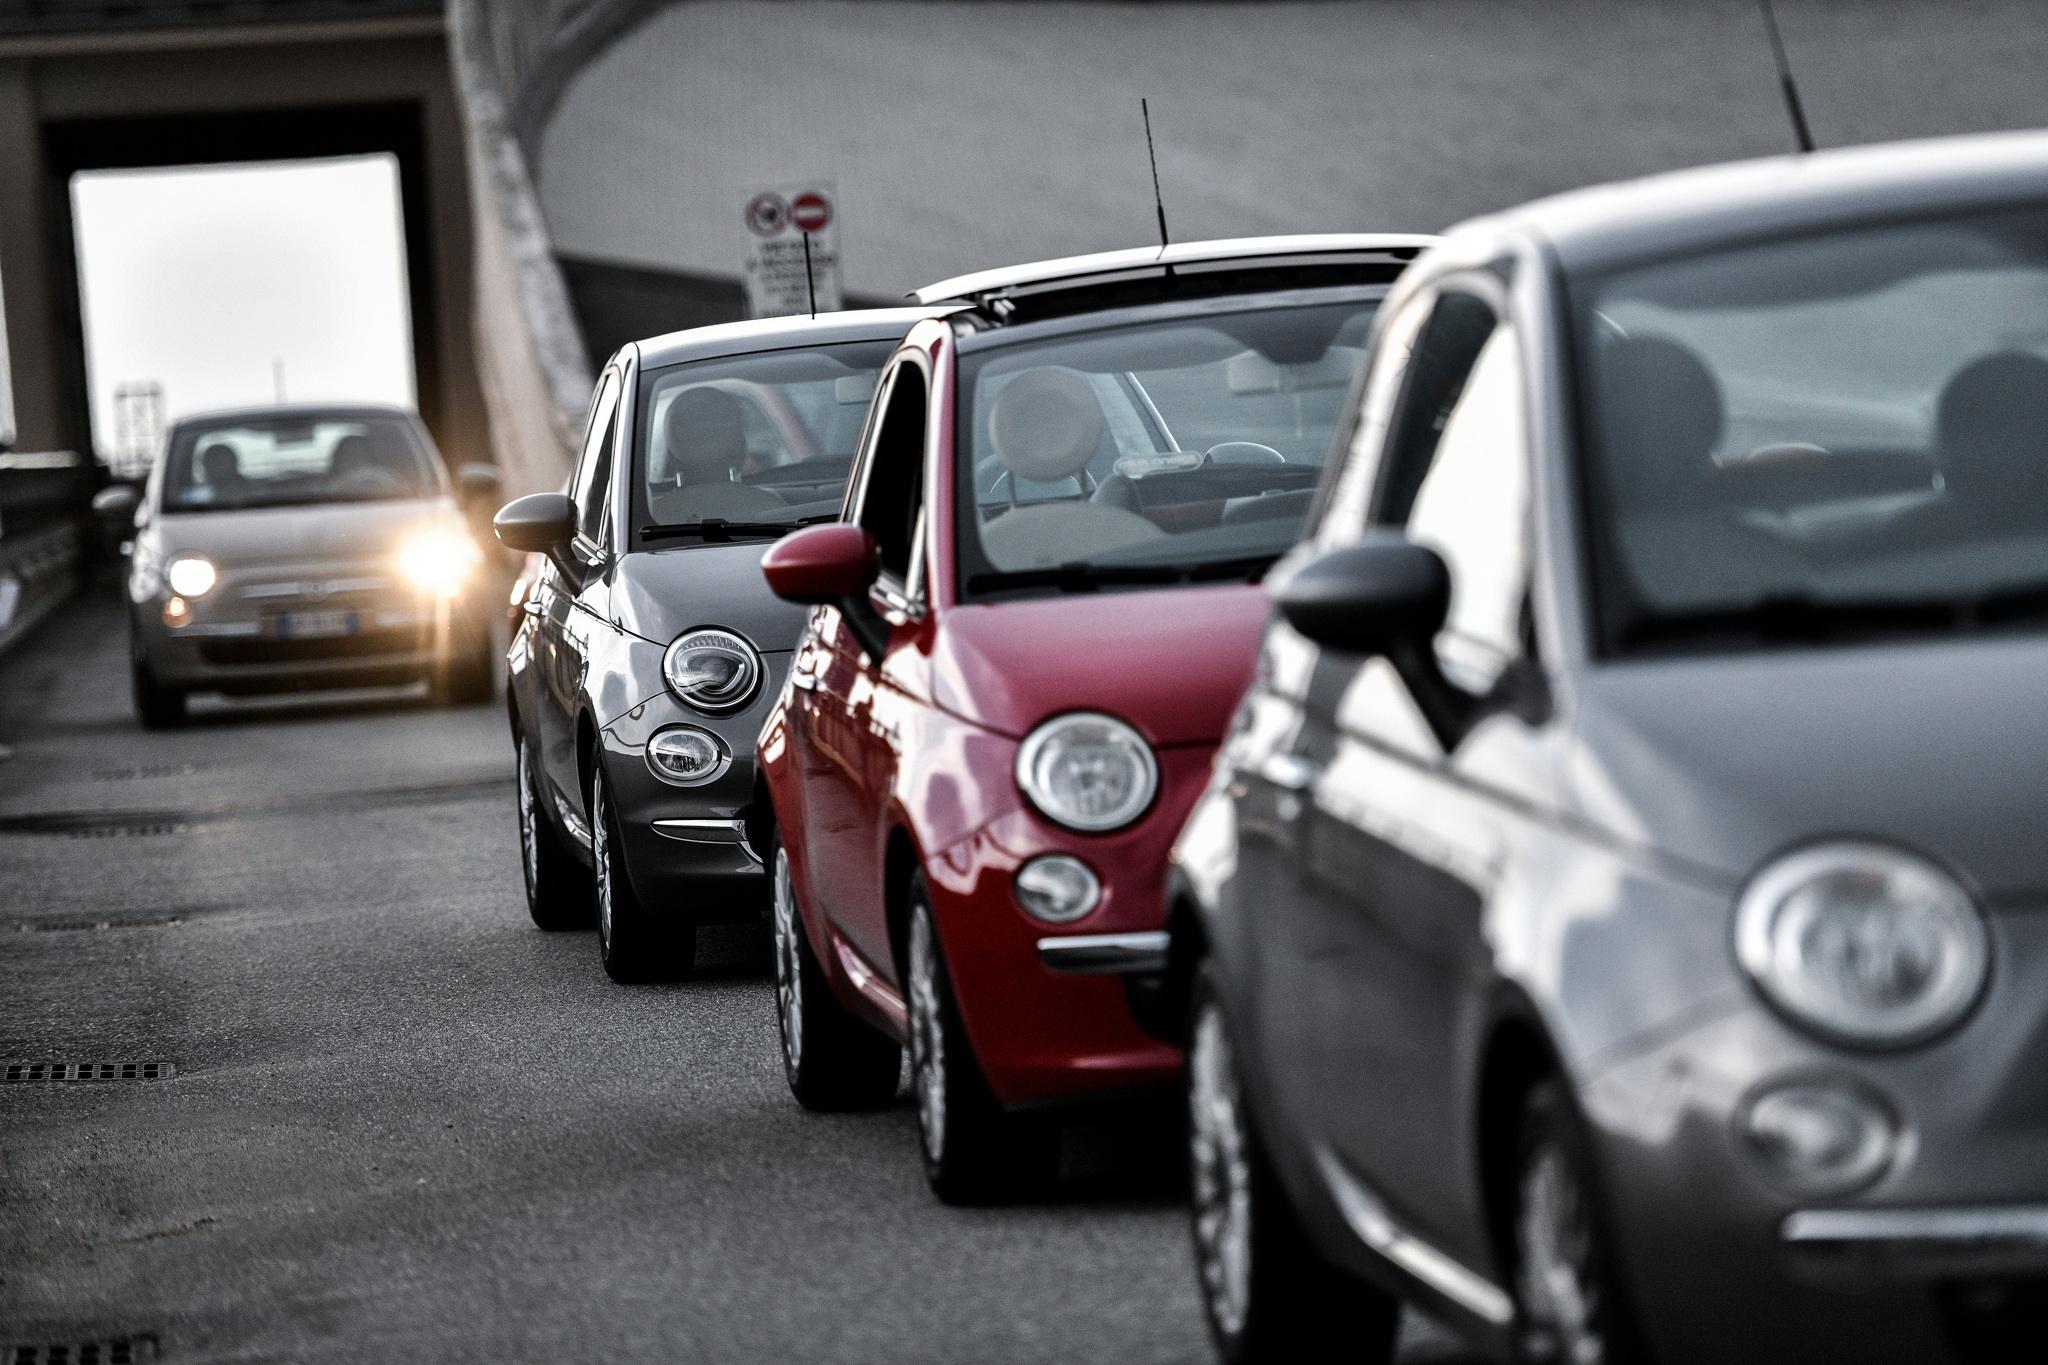 Der Fiat 500 feiert seinen 3 Millionsten verkauf in Europa. (Foto: Fiat)